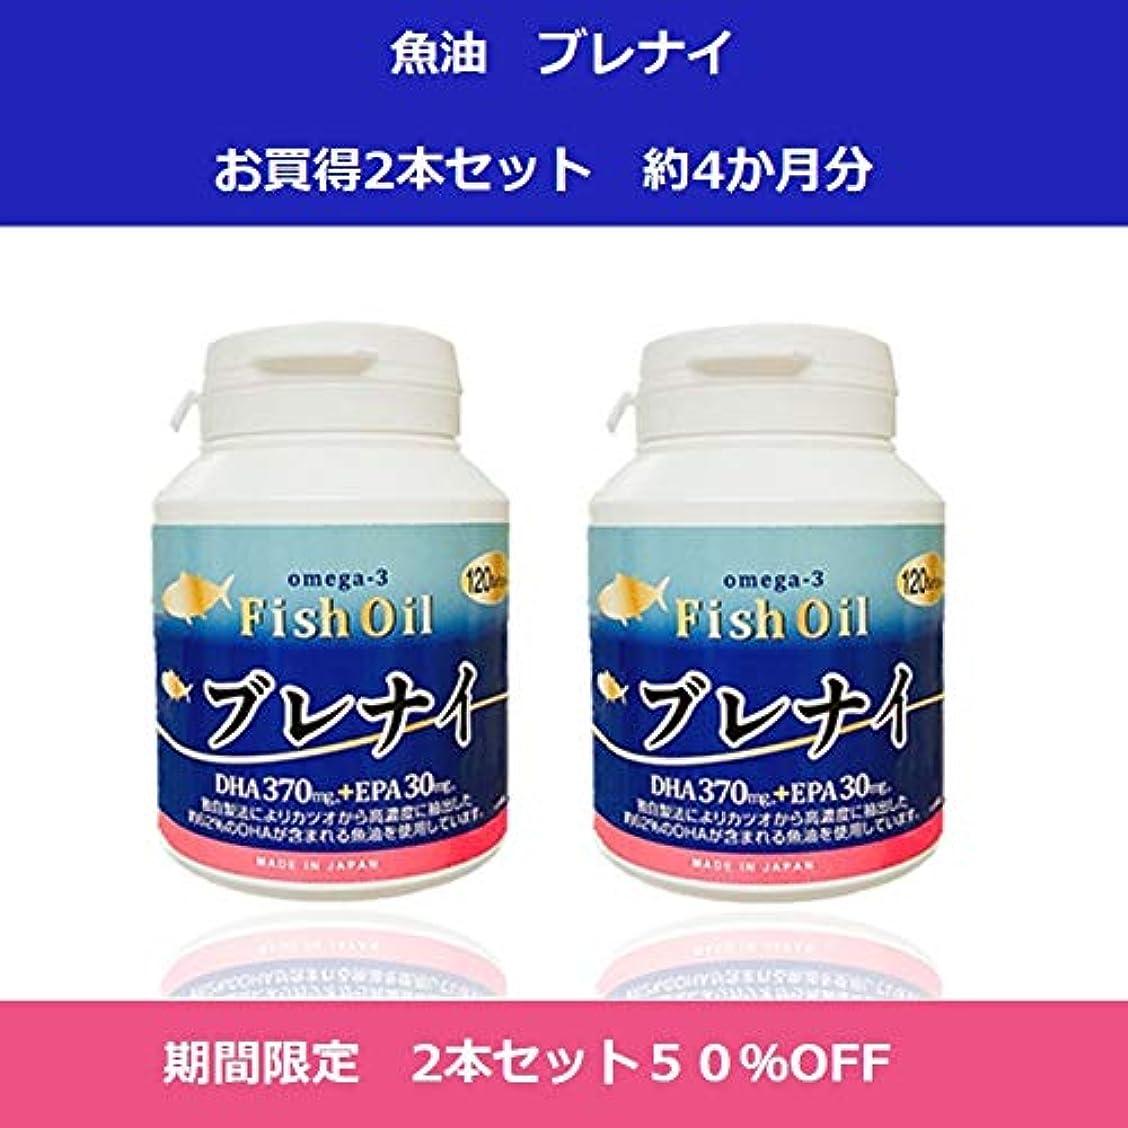 開拓者手順野球Winnow魚油<ブレナイ> 2本セット オメガ3脂肪酸 Omega3 Fish oil 日本産高濃度DHA、EPA / 120粒入り